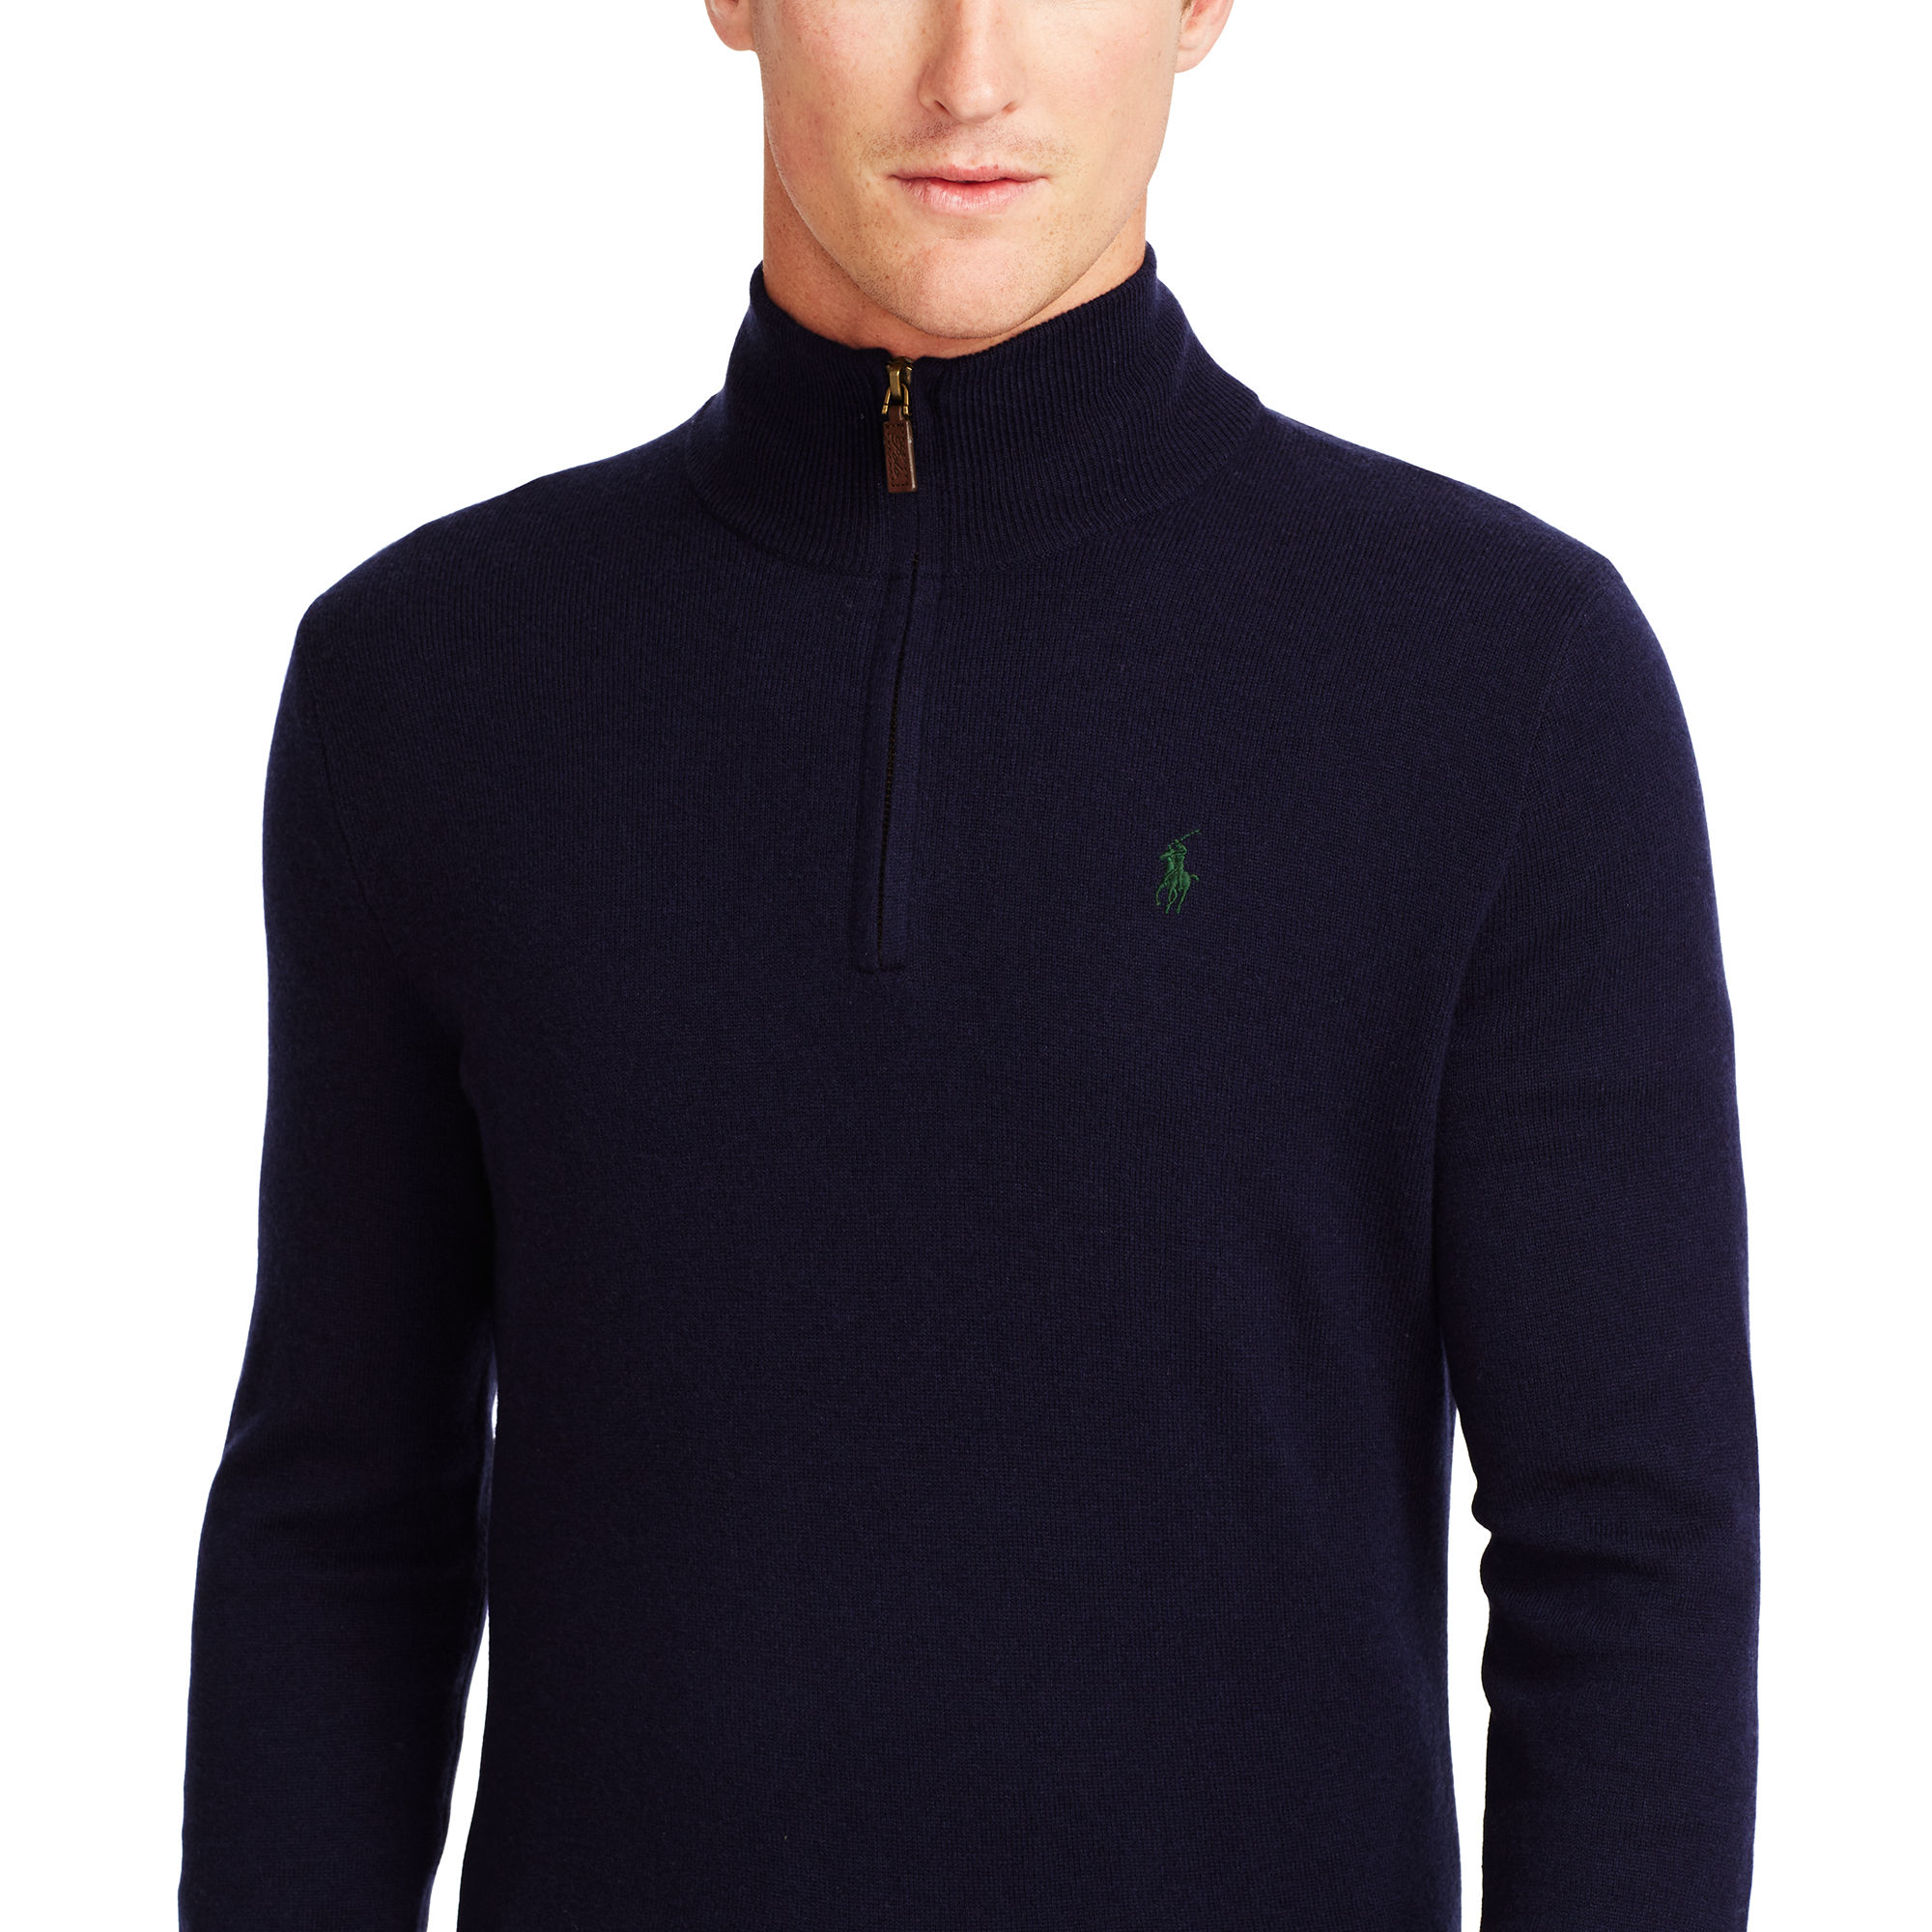 cecd10b61 shopping ralph lauren half zip merino wool sweater 50f71 d702e